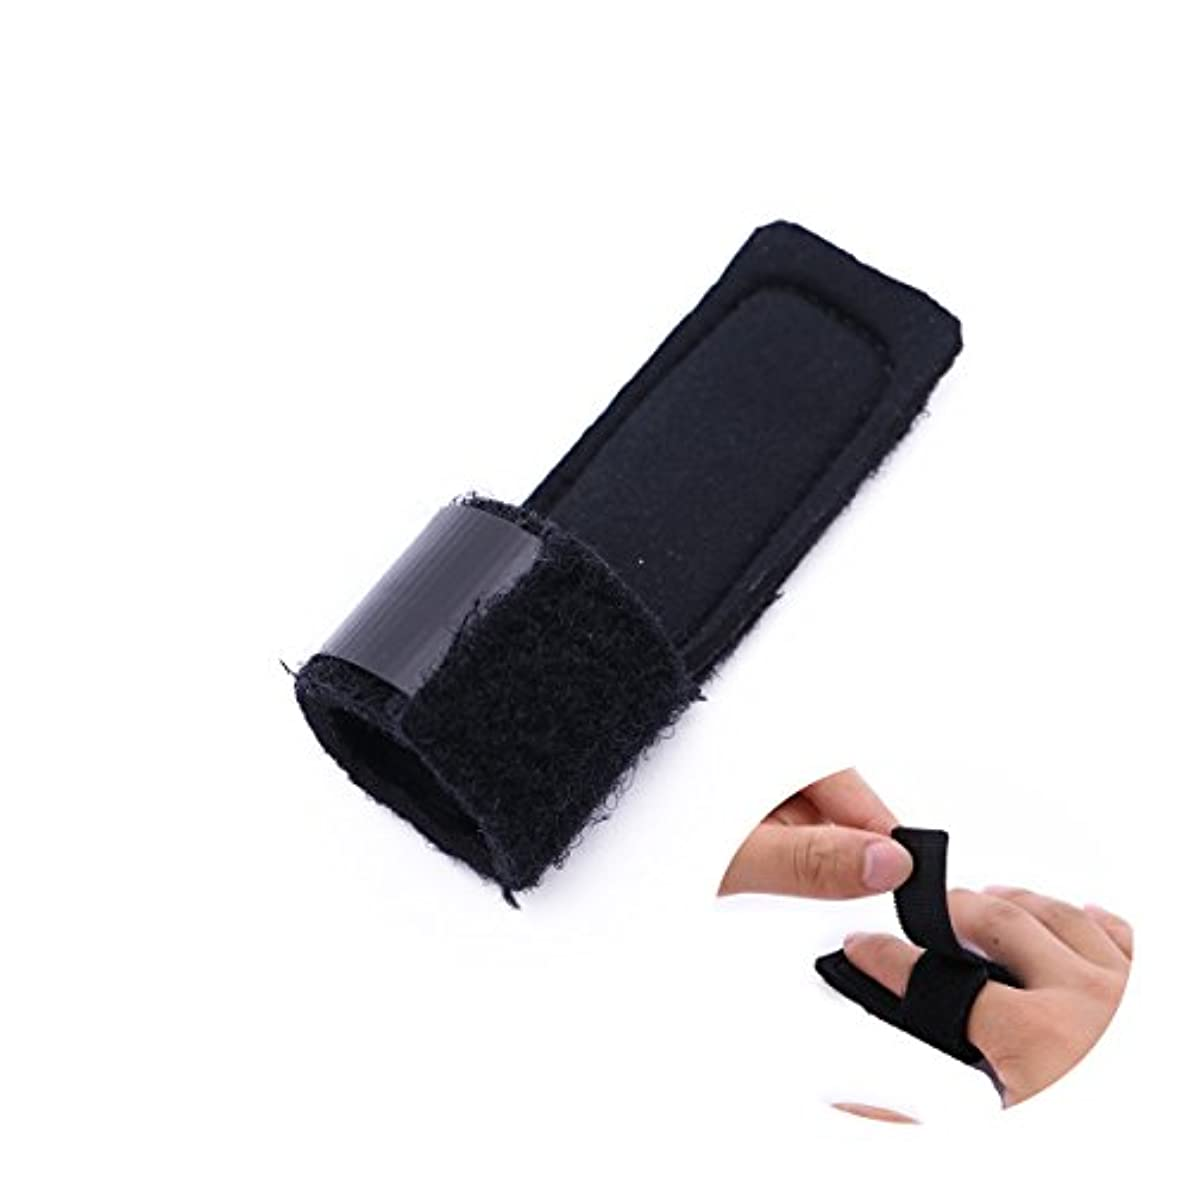 メキシコ釈義巨大SUPVOX 指の添え木マレット指の支柱の引き金のための骨折の接合箇所の添え木プロテクター